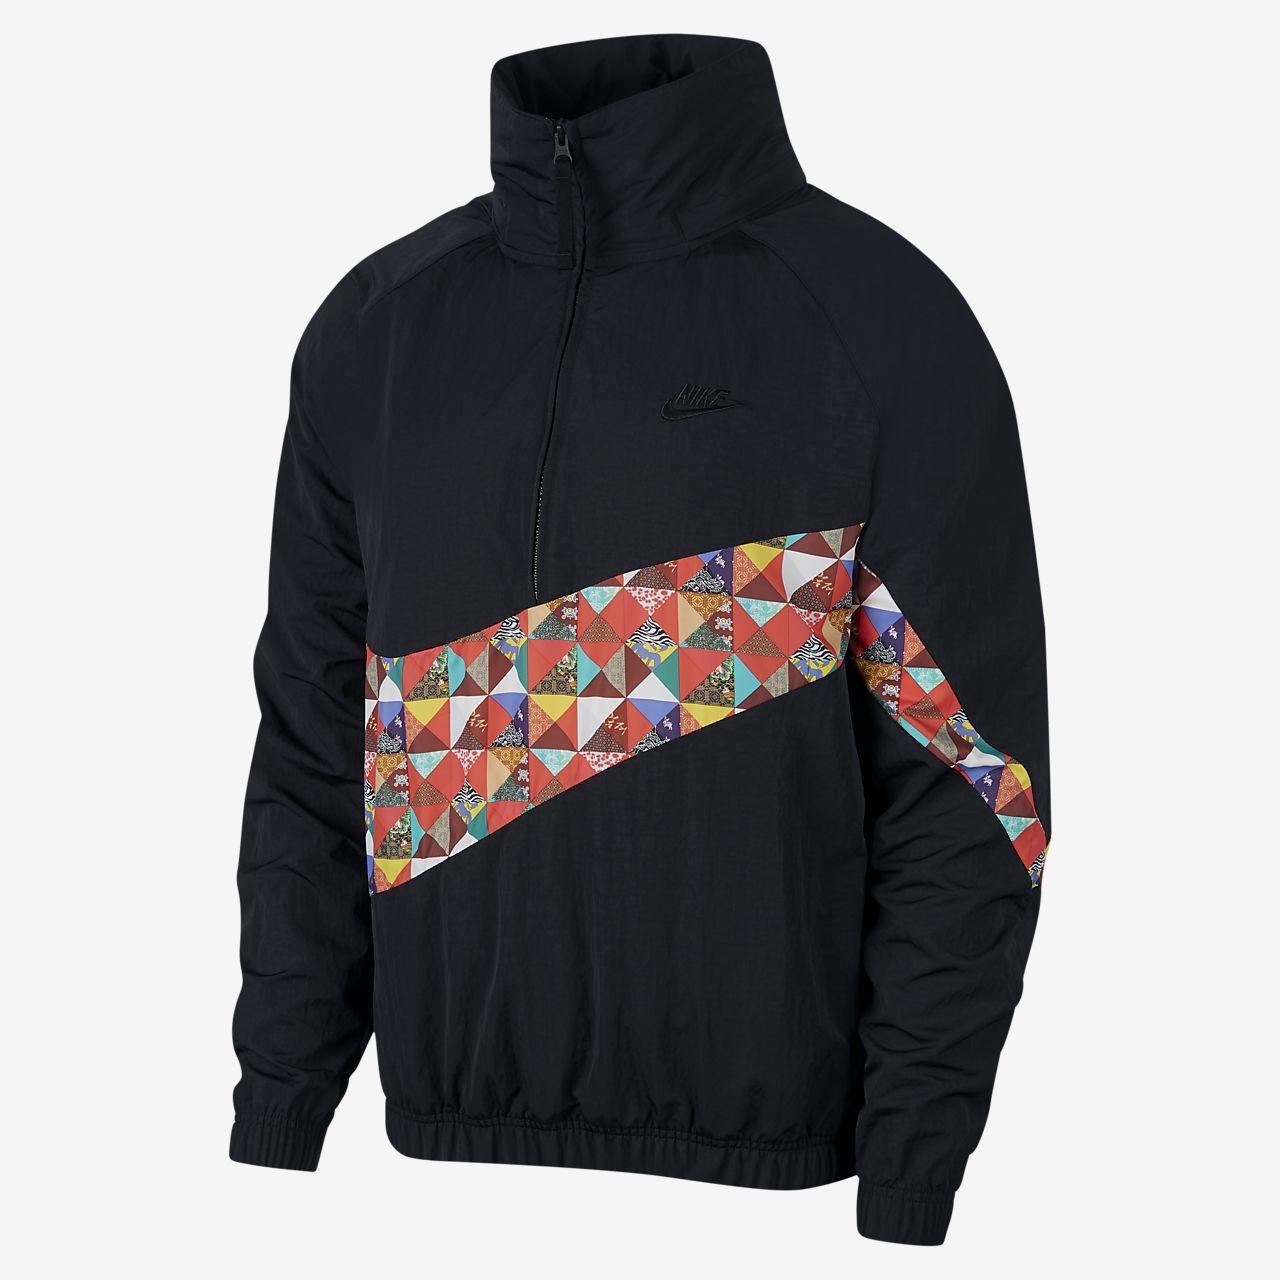 Nike Sportswear 男子印花上衣